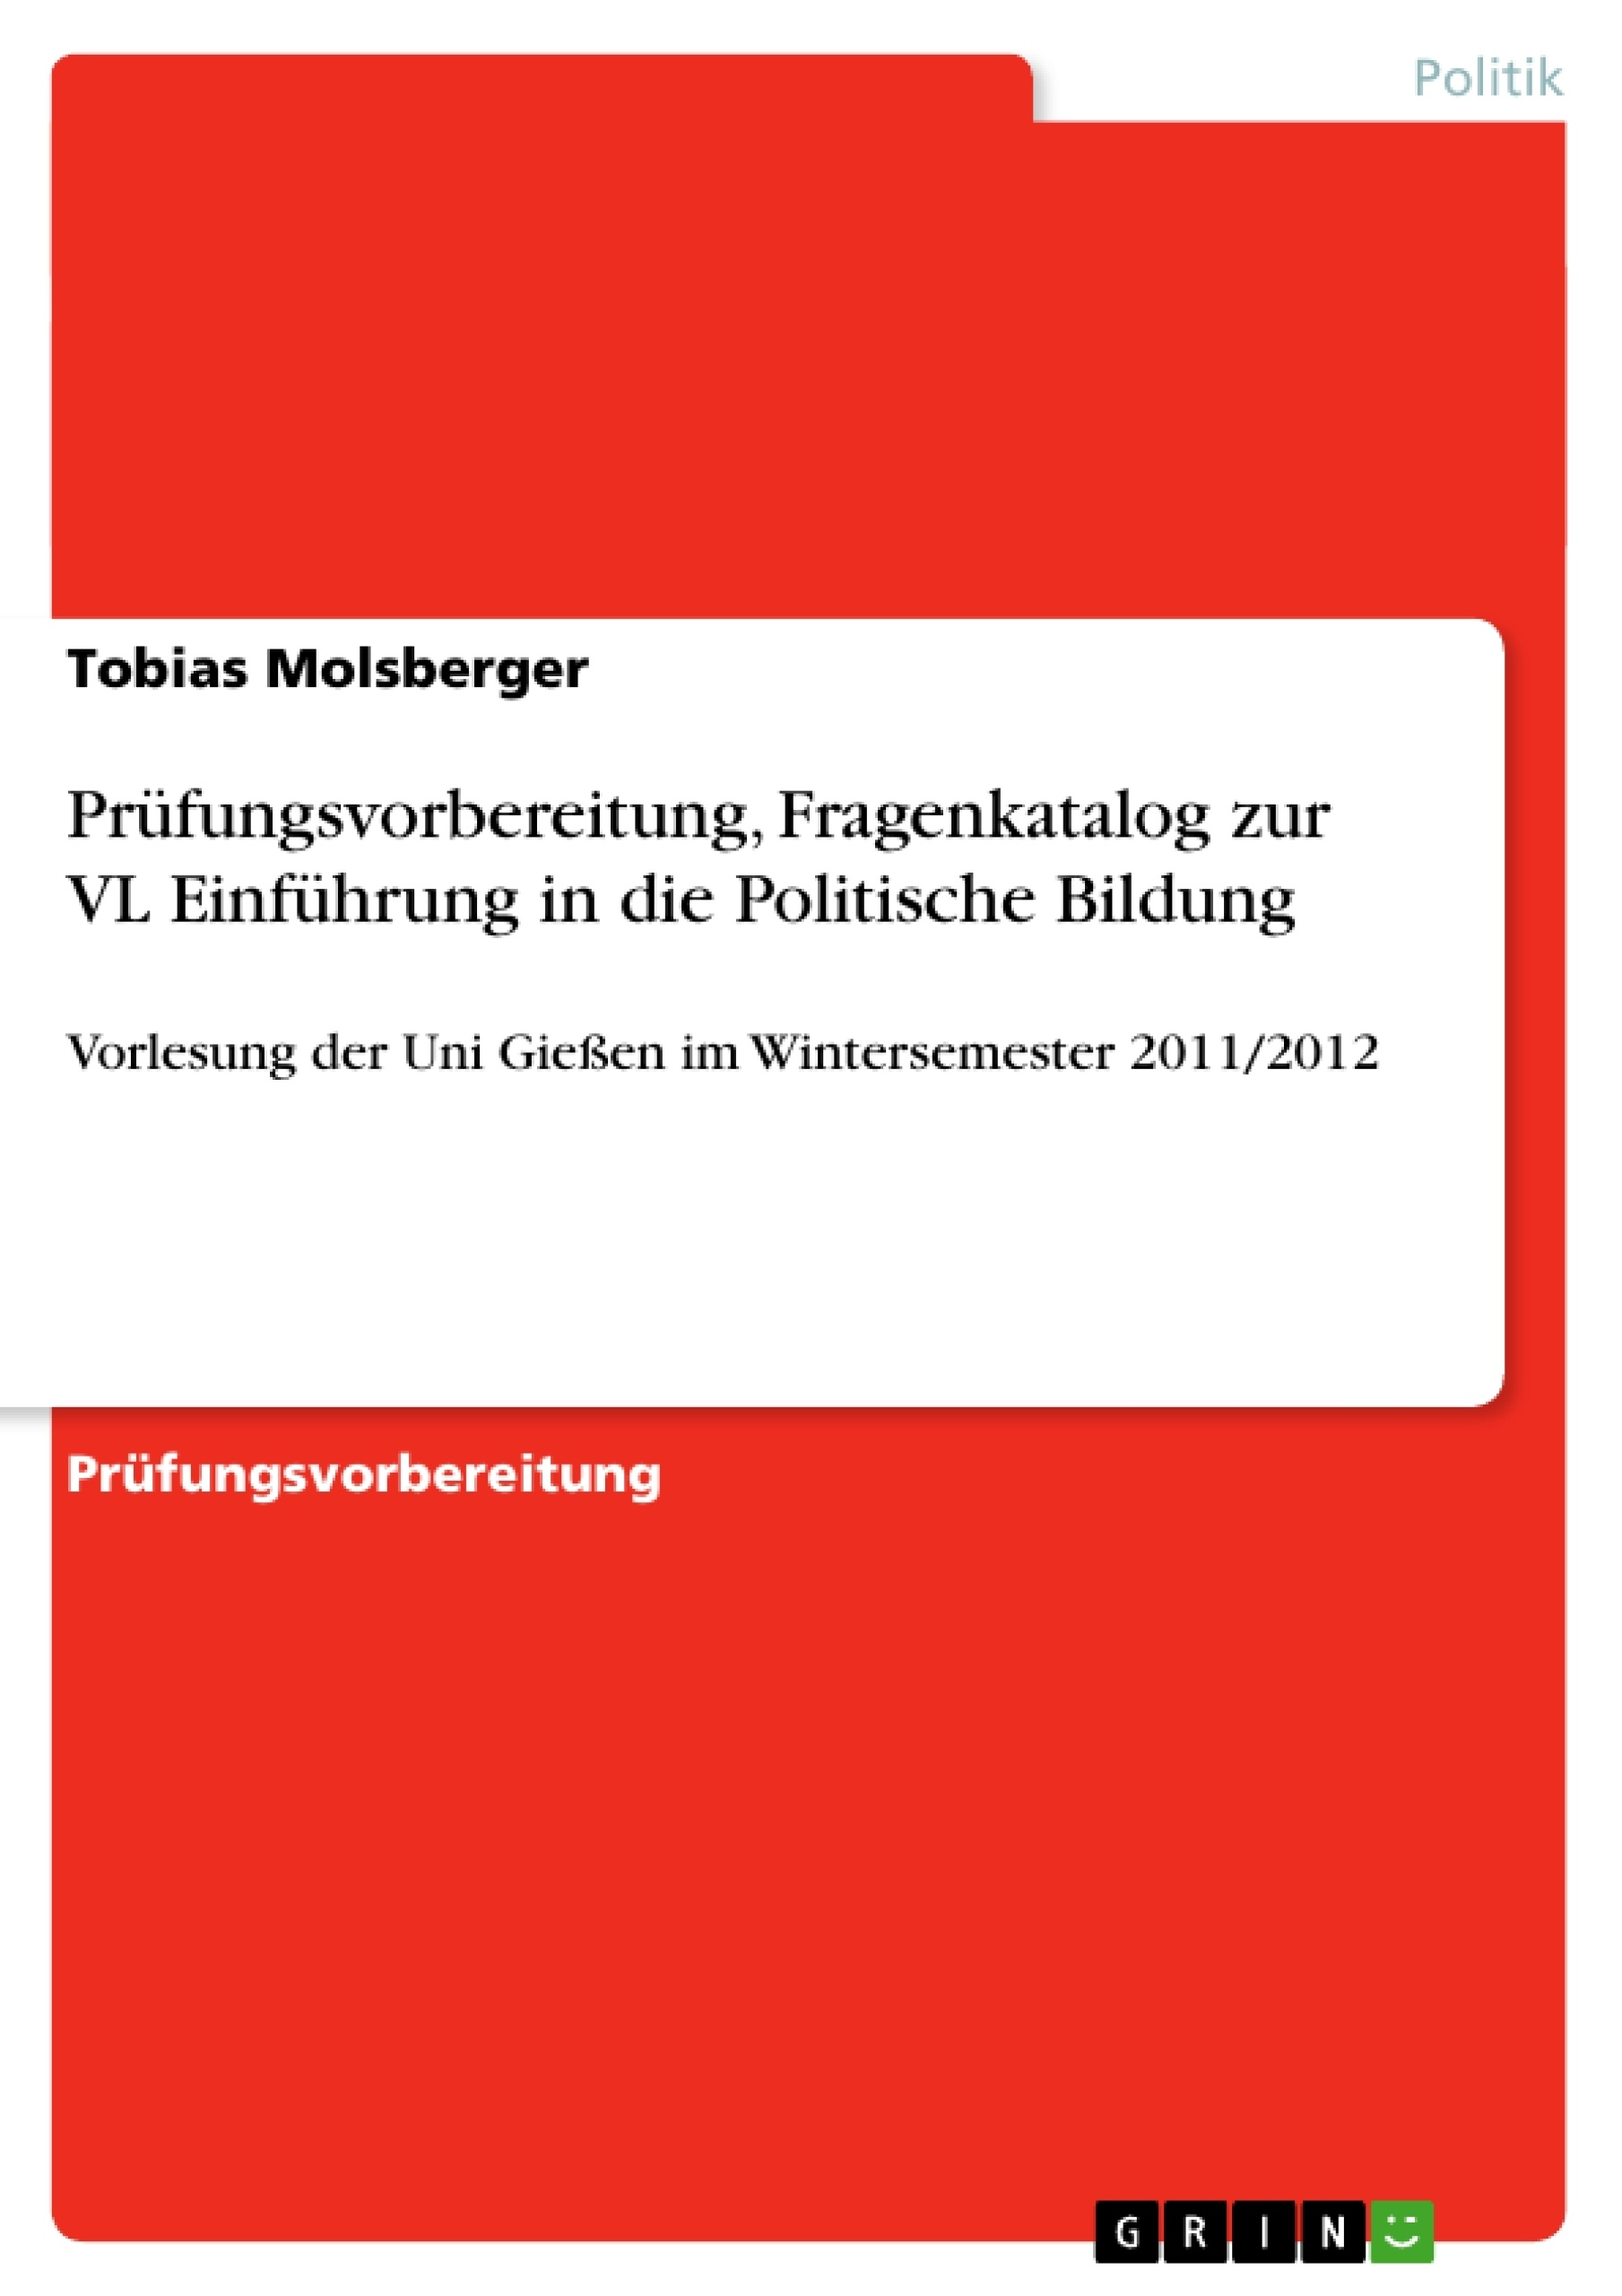 Titel: Prüfungsvorbereitung, Fragenkatalog zur VL Einführung in die Politische Bildung